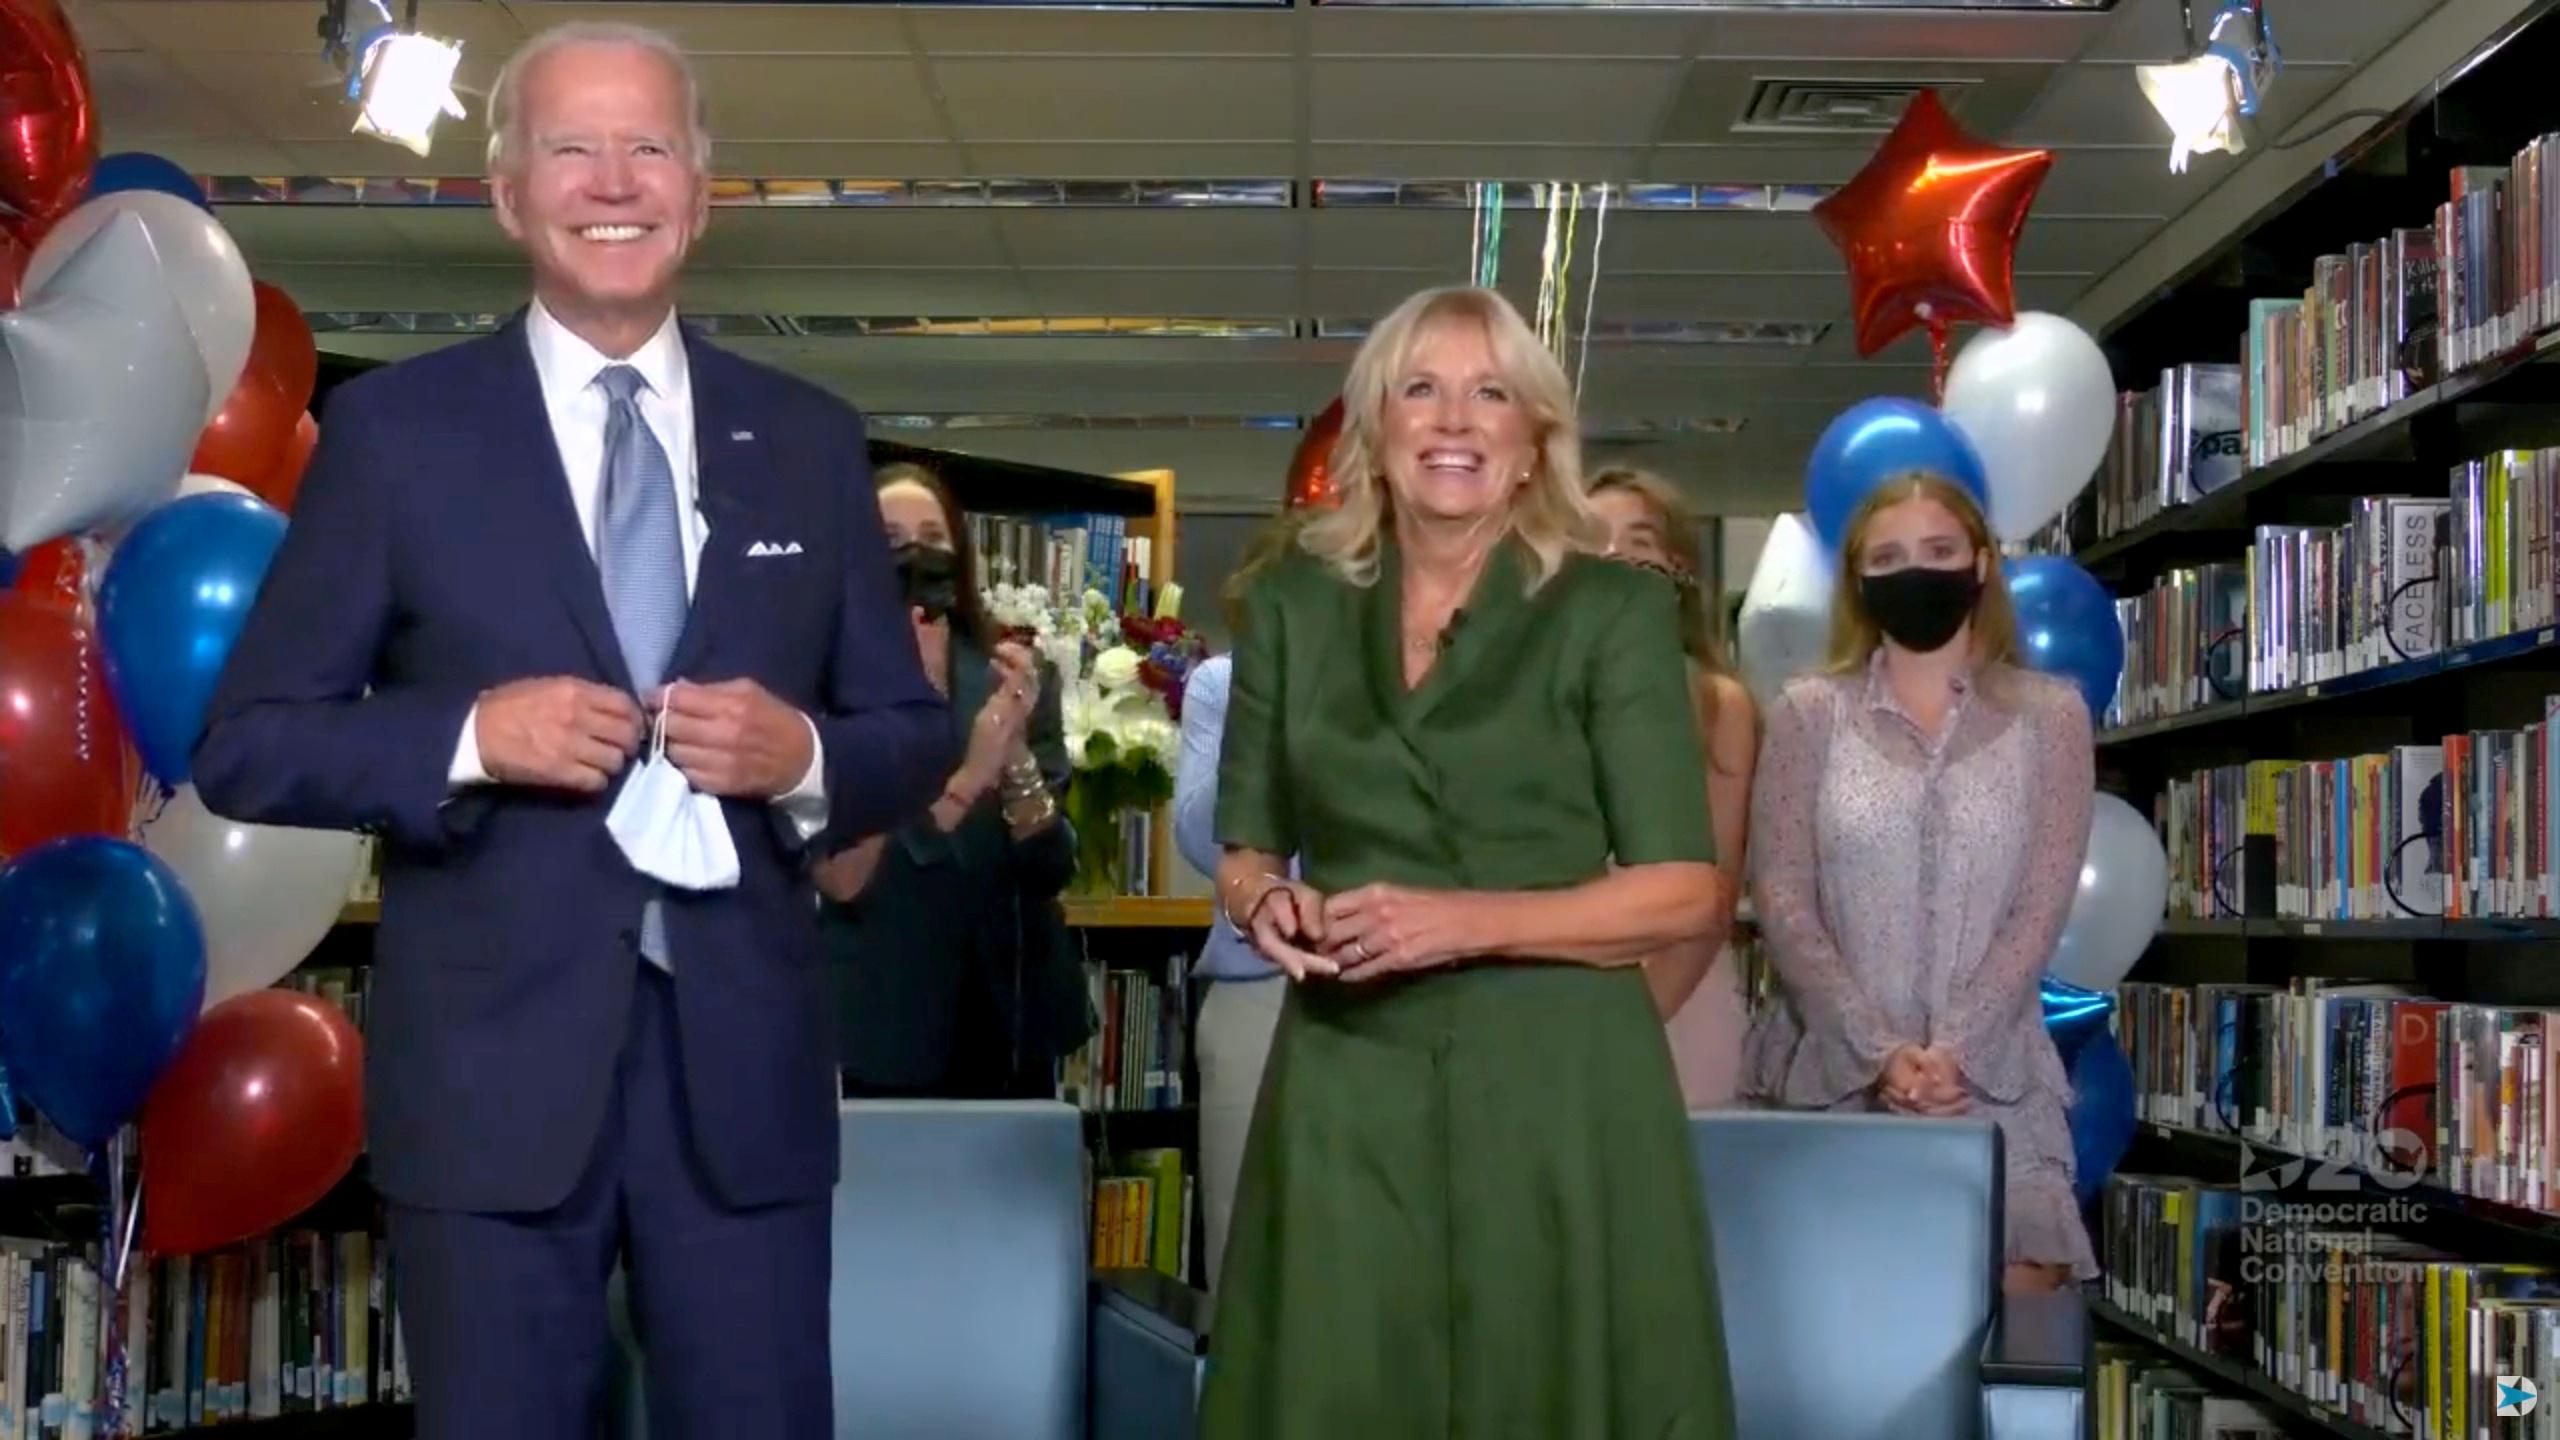 ABD de, Joe Biden resmen Demokrat Parti nin başkan adayı seçildi #1